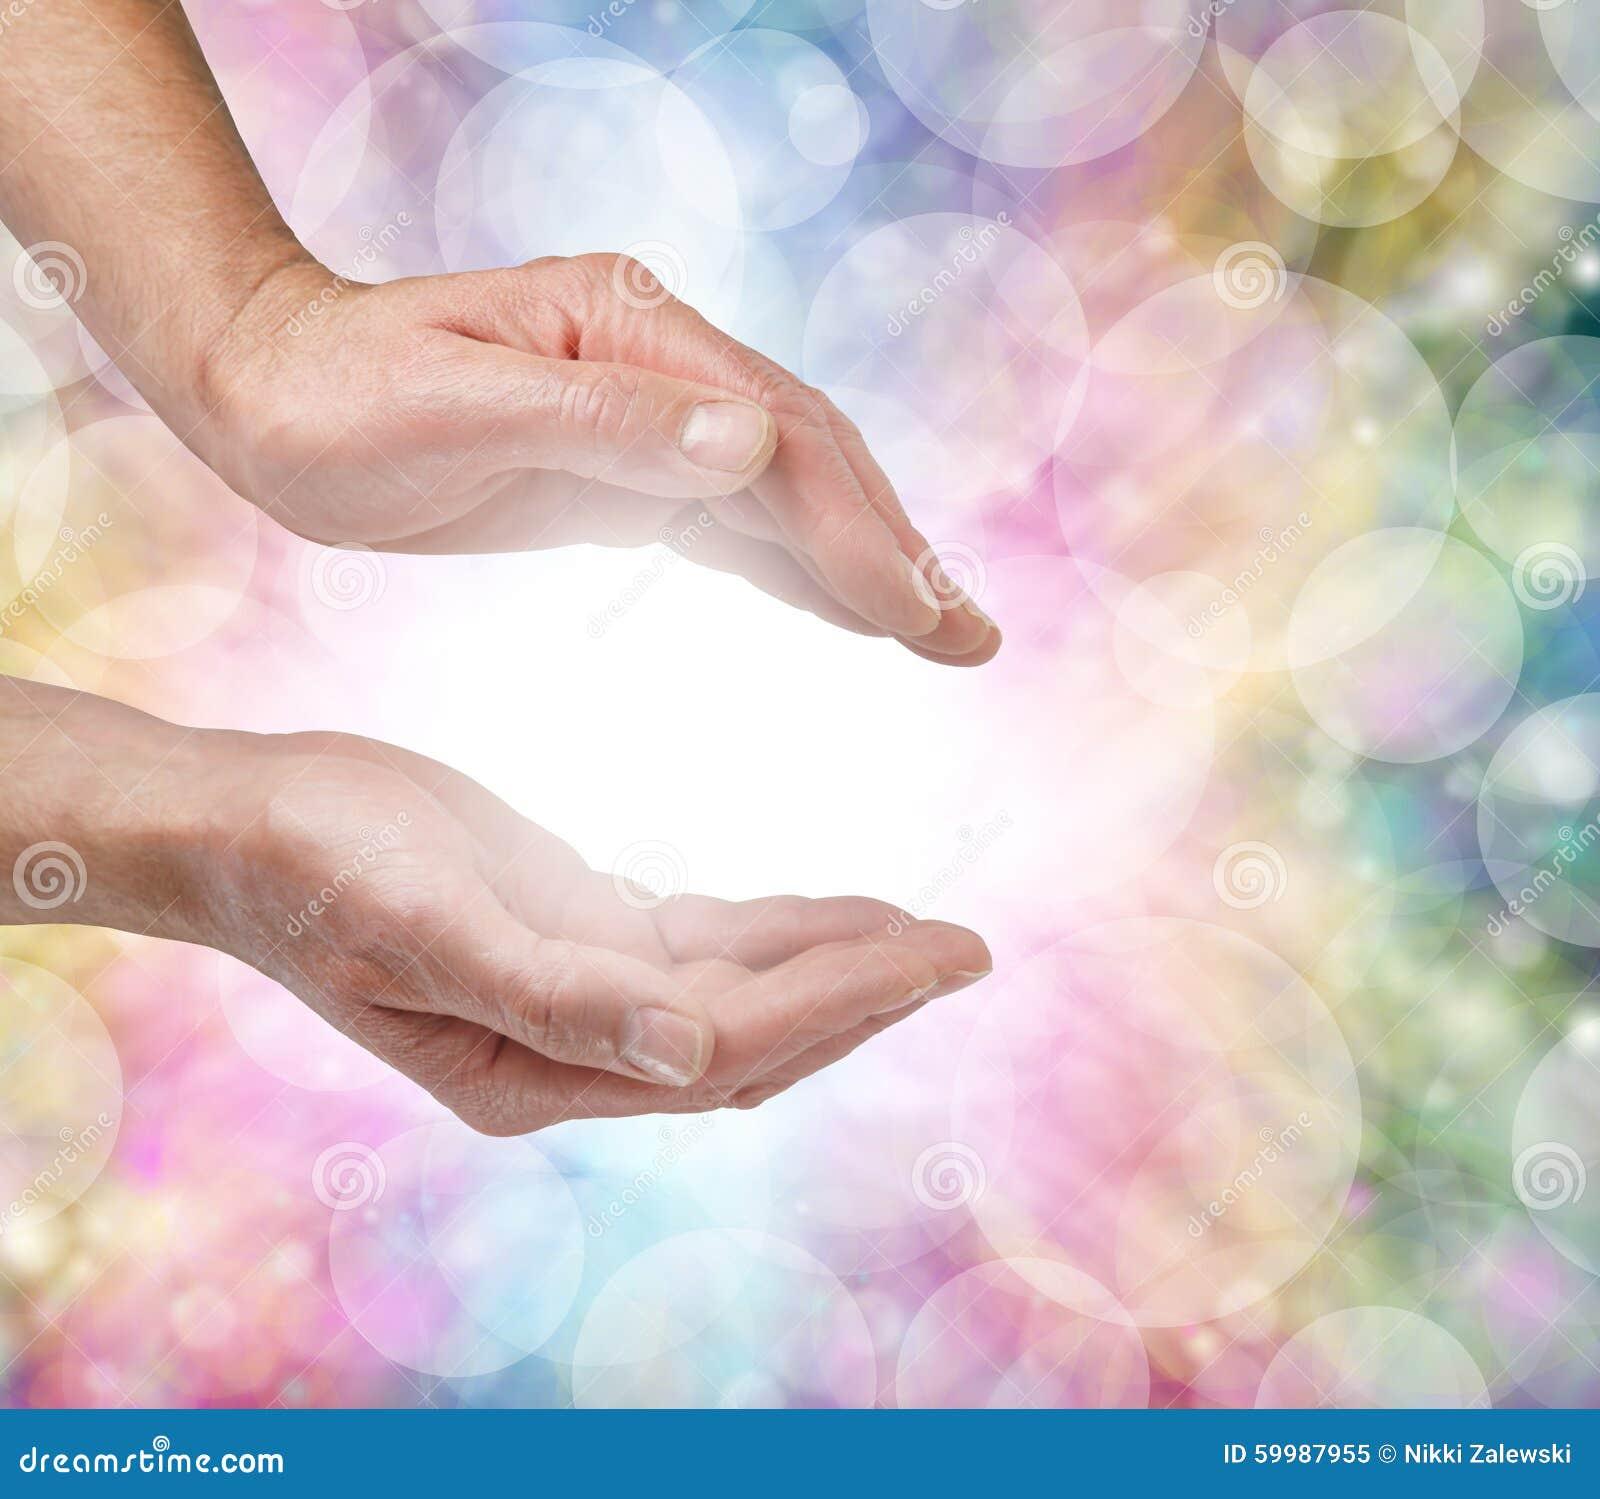 Beautiful Healing Energy